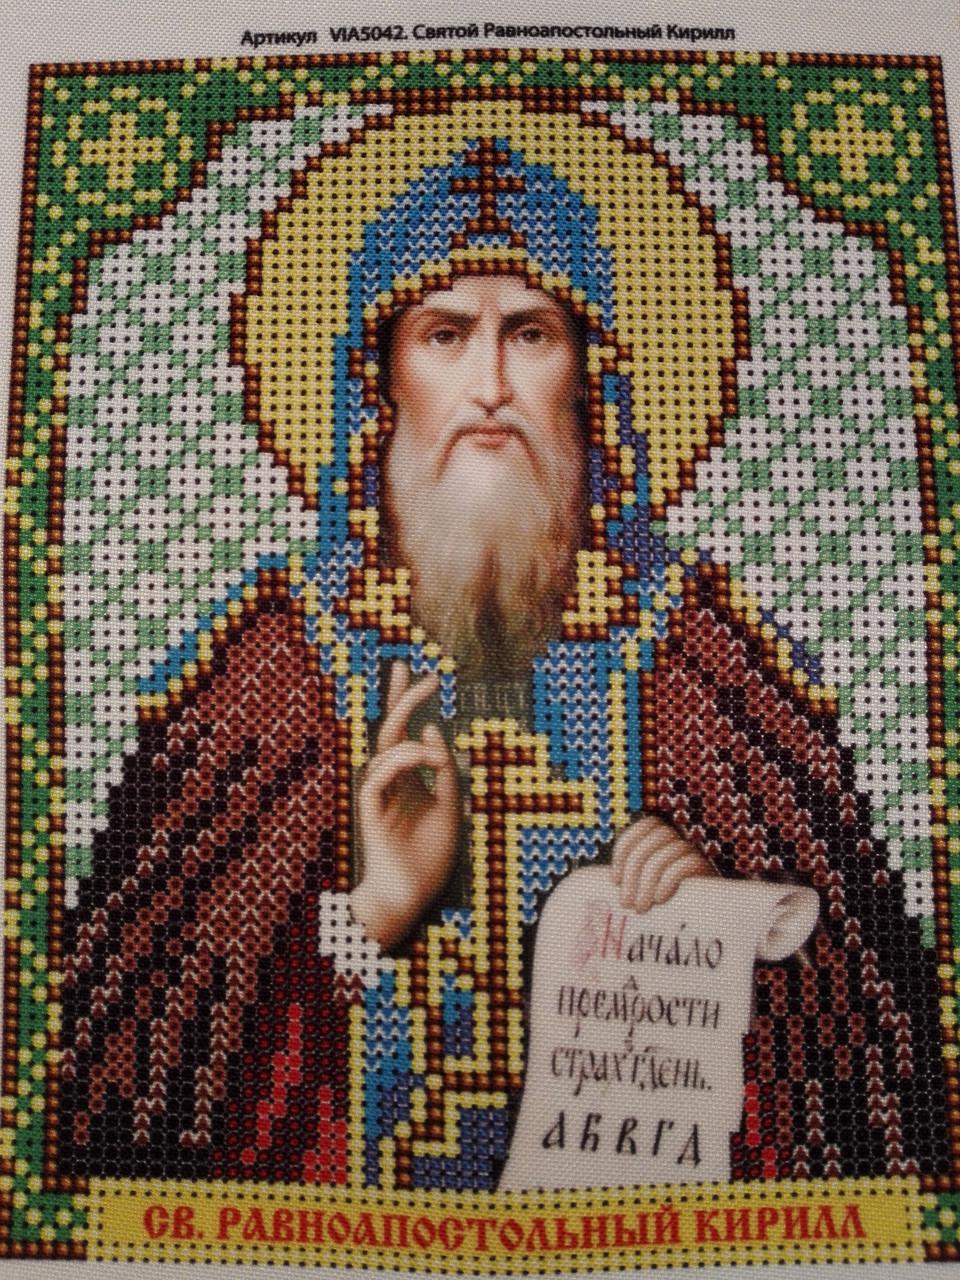 Набор для вышивки бисером икона Святой Равноапостольный Кирилл VIA 5042